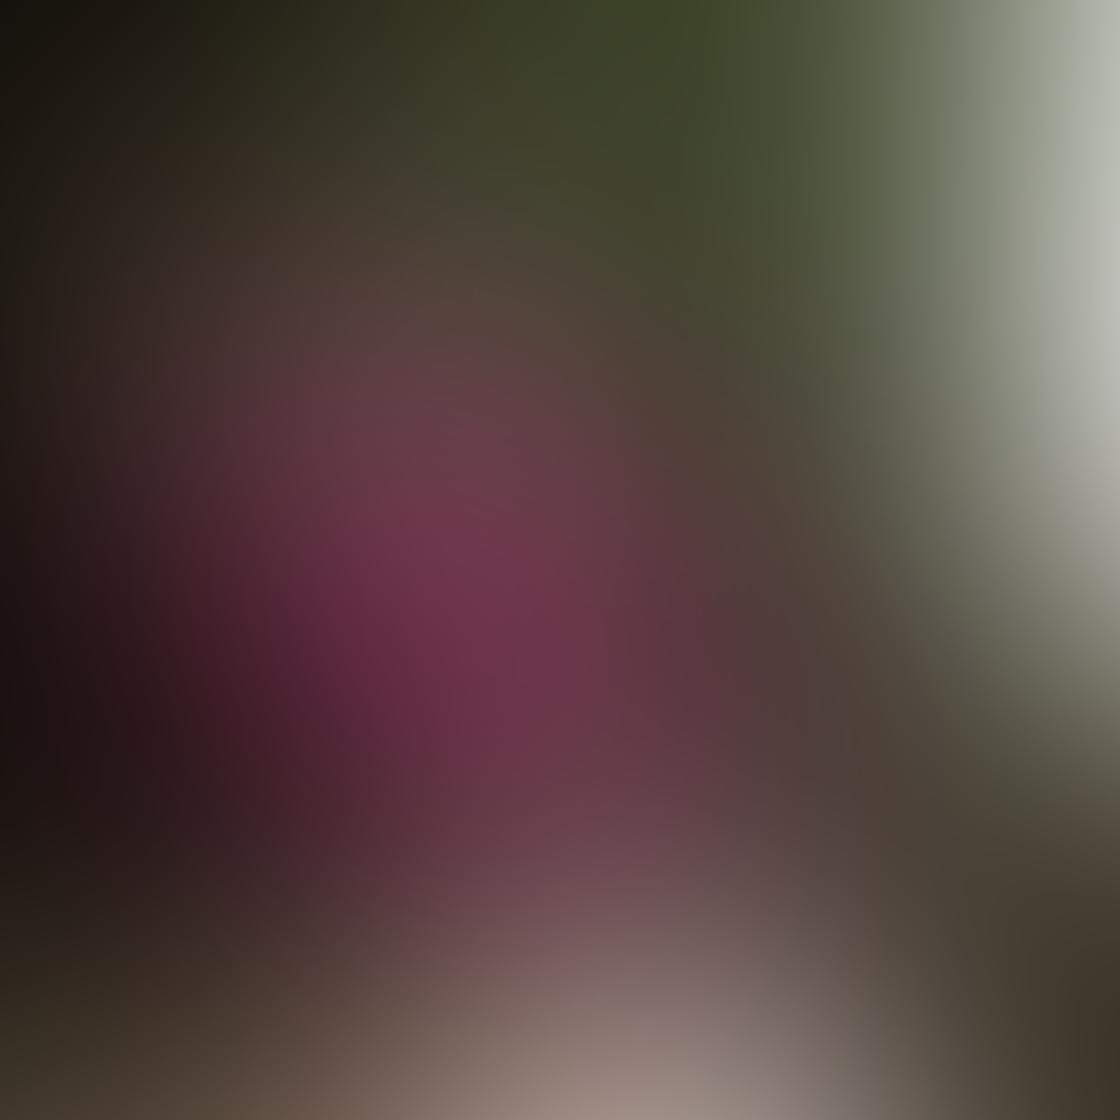 iPhone Photos Portrait Backgrounds 48